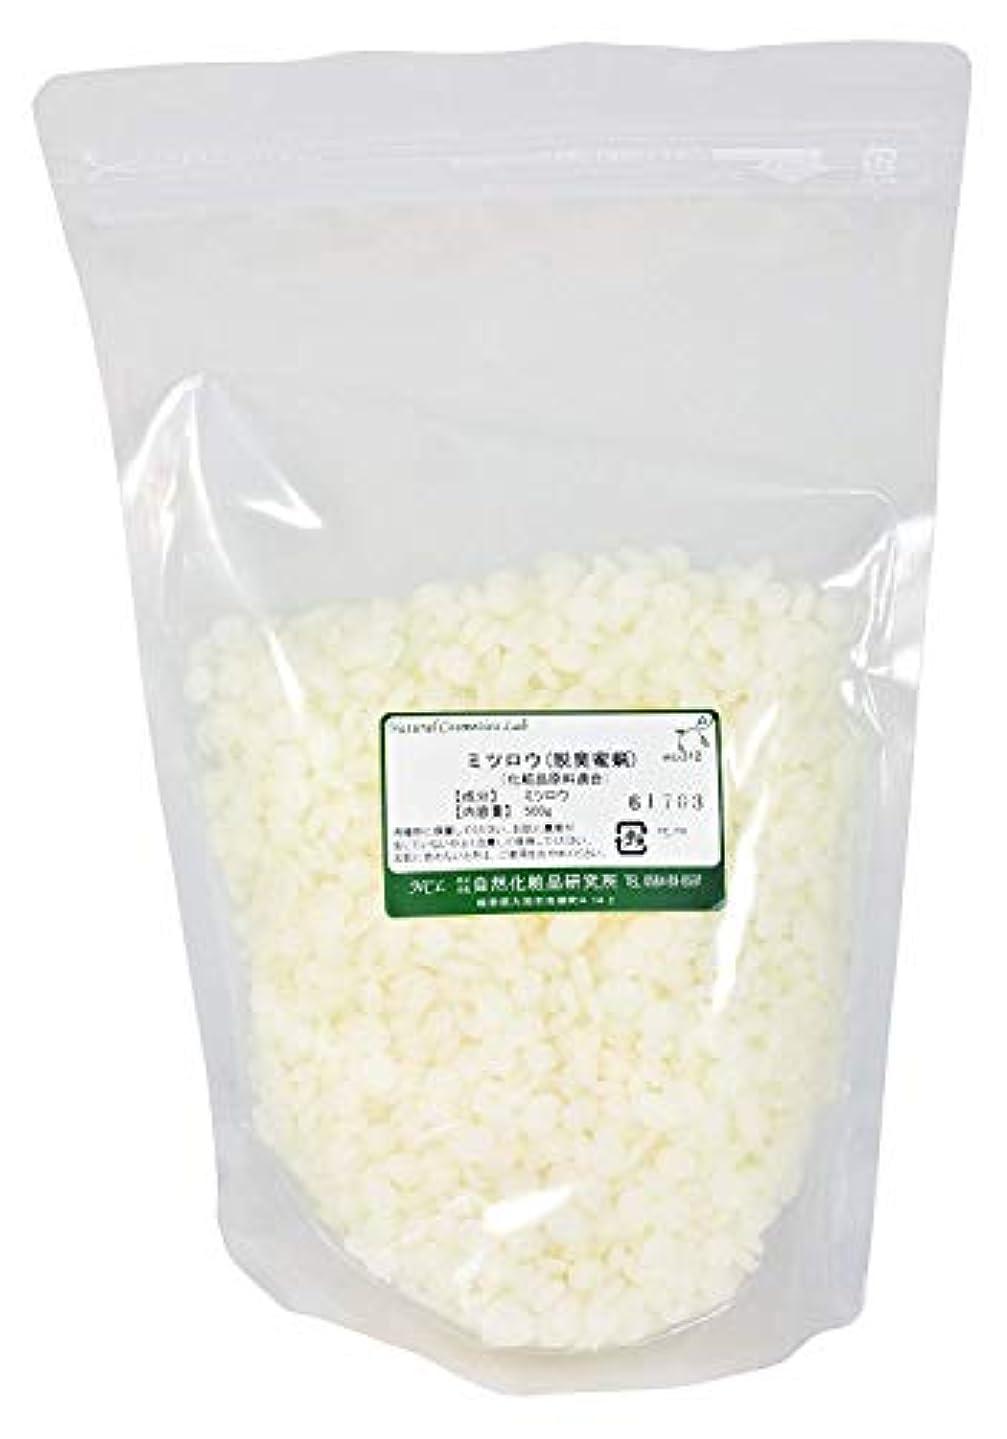 サンダル食品式ミツロウ (脱臭 蜜蝋 ? ビーズワックス) 500g